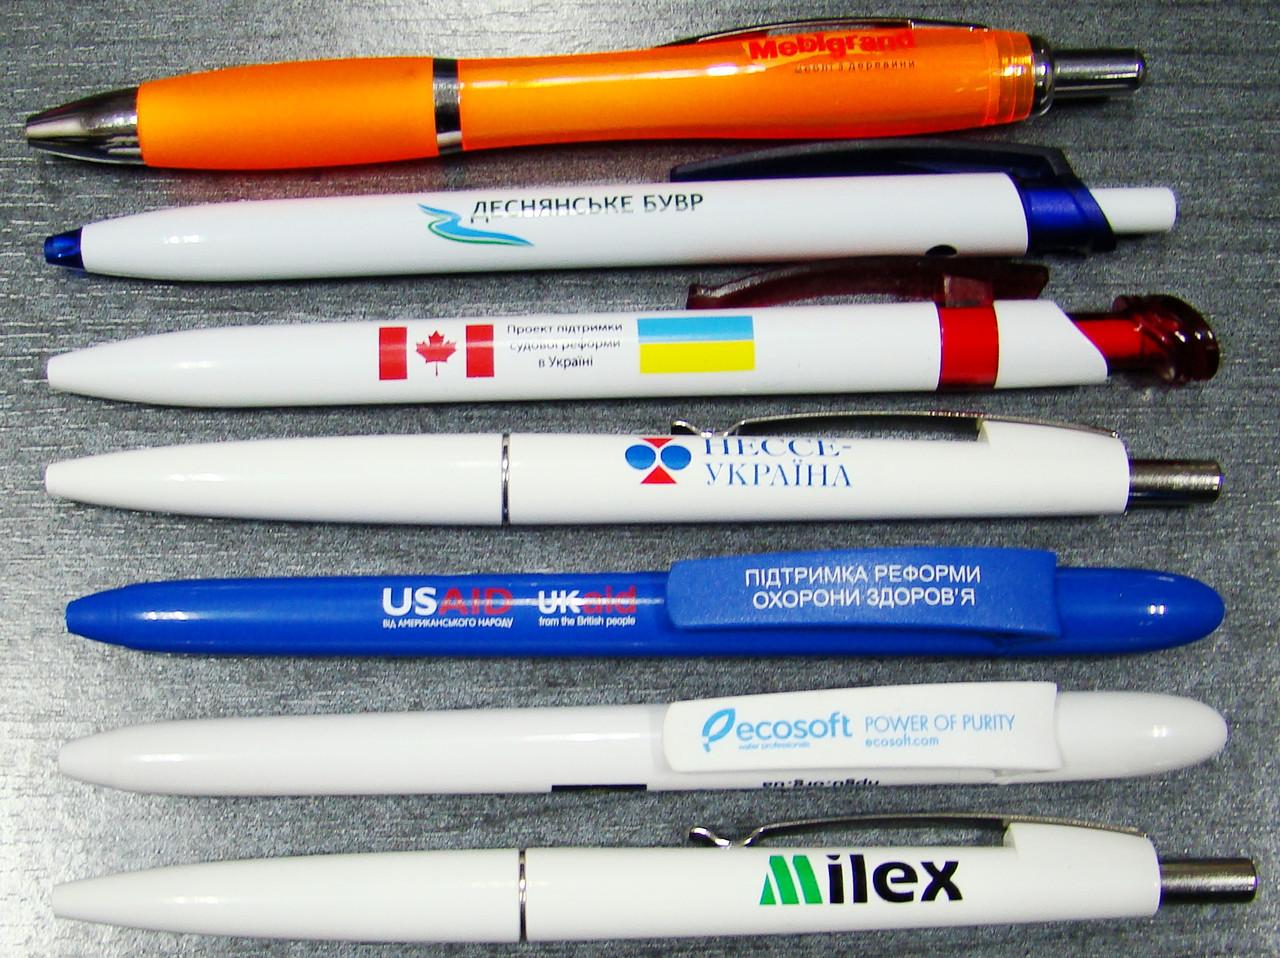 Печать на ручках, тампопечать